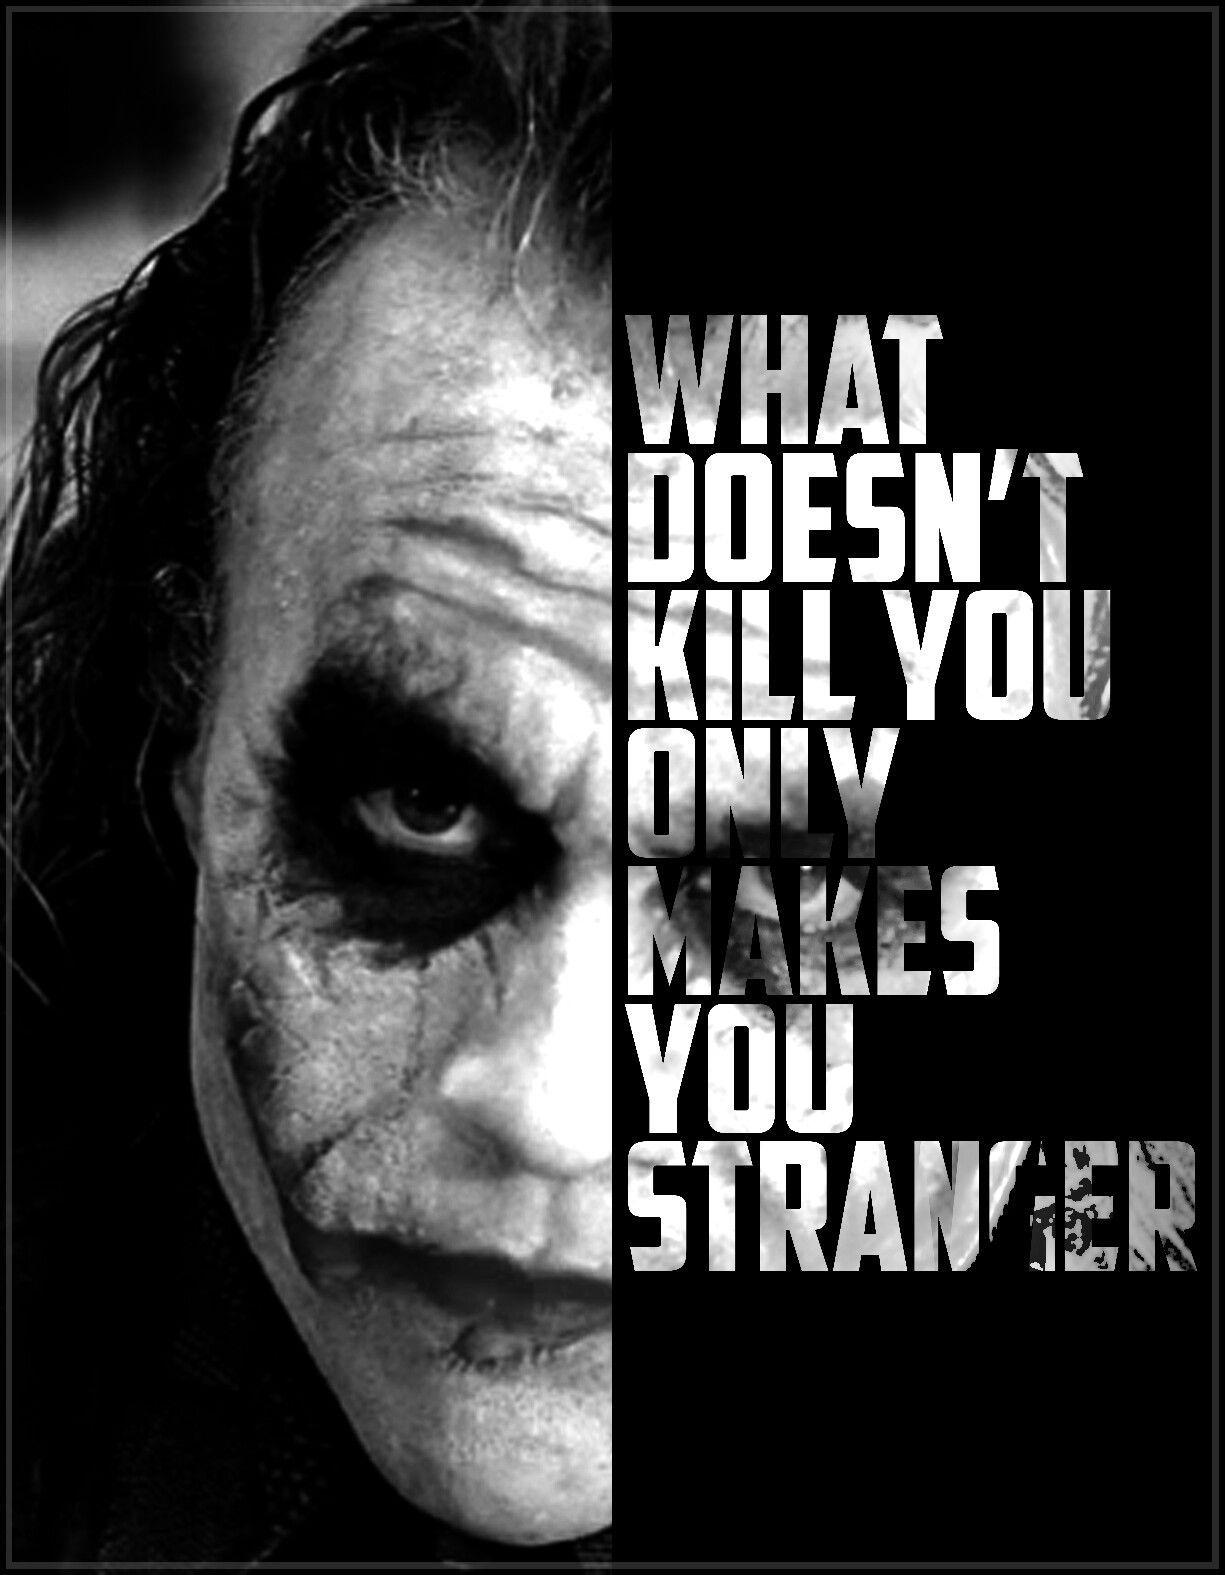 Joker Quotes Wallpapers   Top Joker Quotes Backgrounds 1225x1575